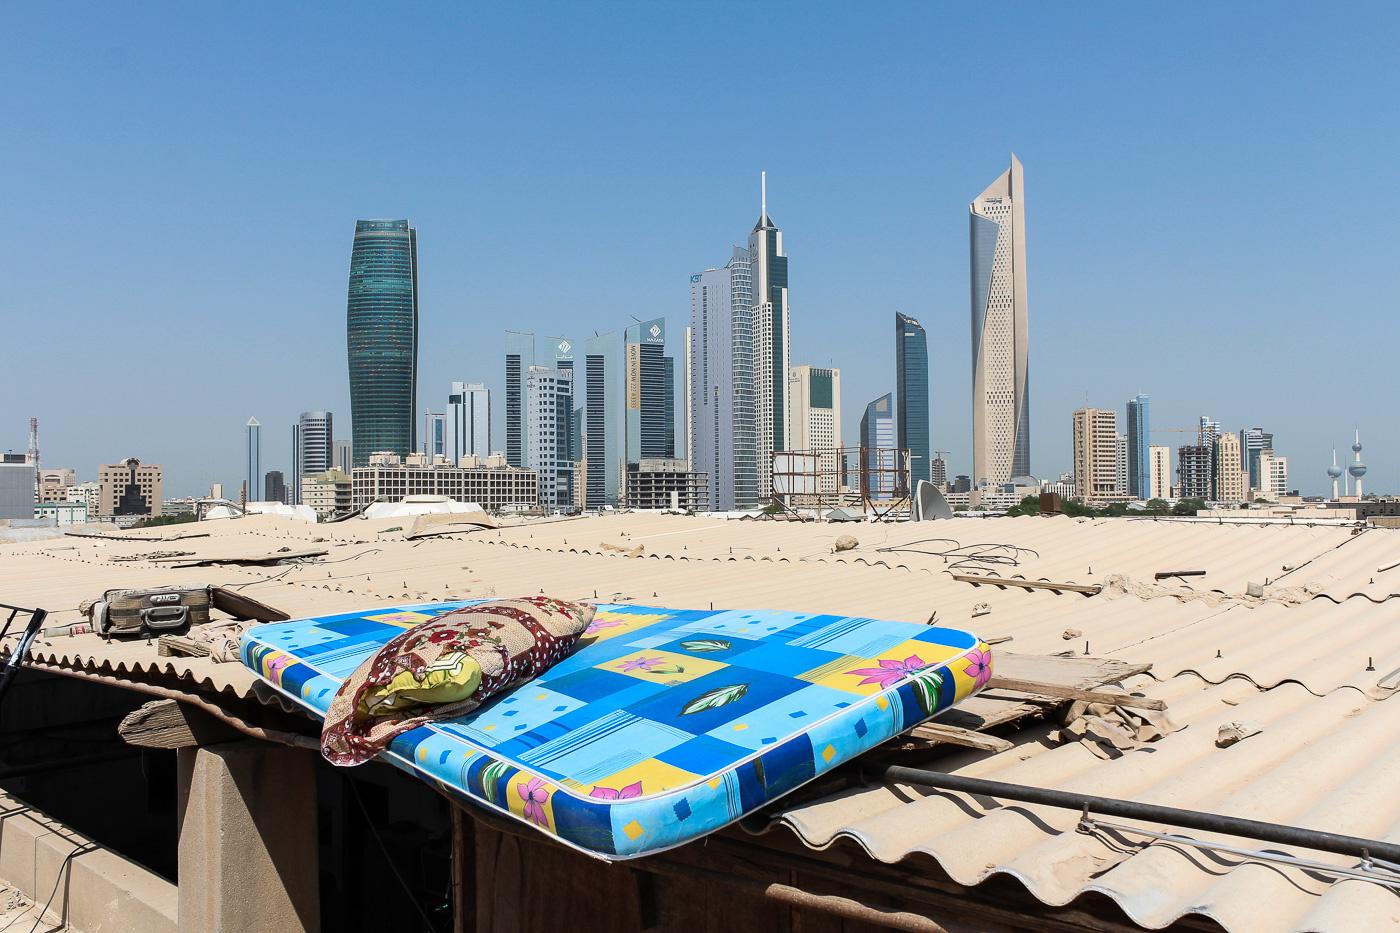 Kuwait City — Friday Gathering